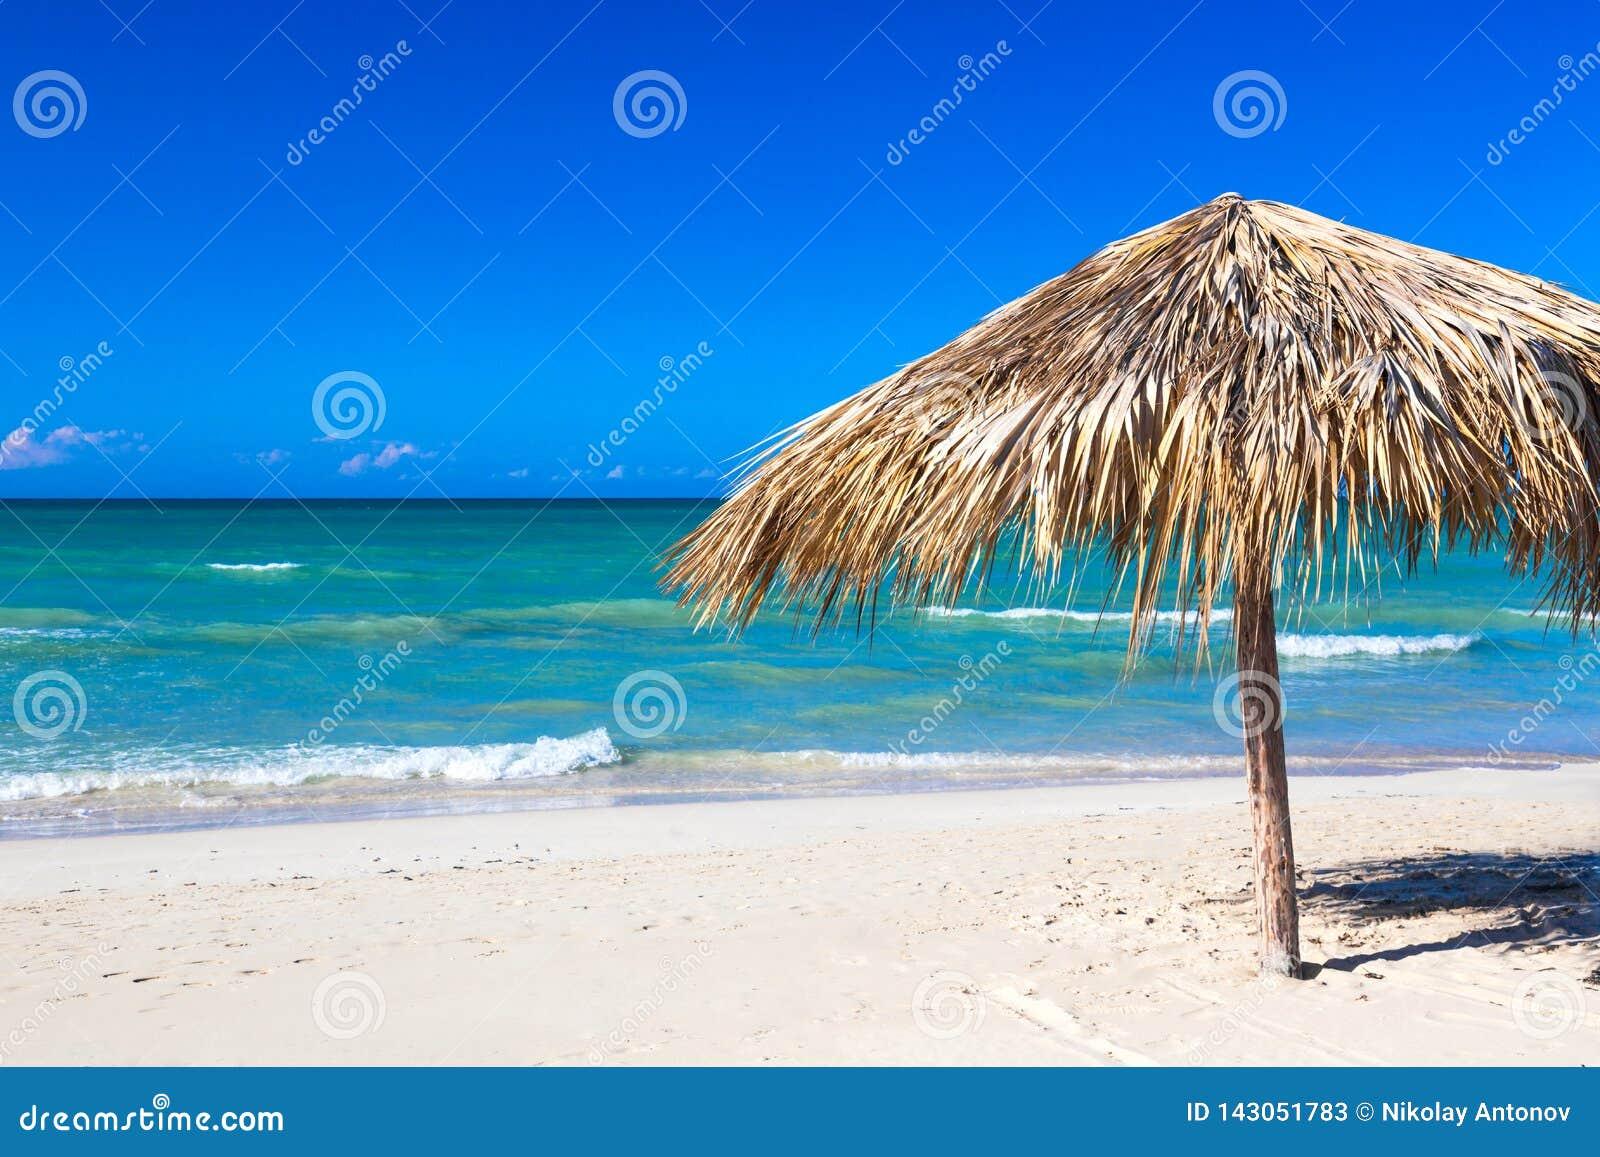 Słomiany parasol na pustej nadmorski plaży w Varadero, Kuba Relaks, wakacje idylliczny tło